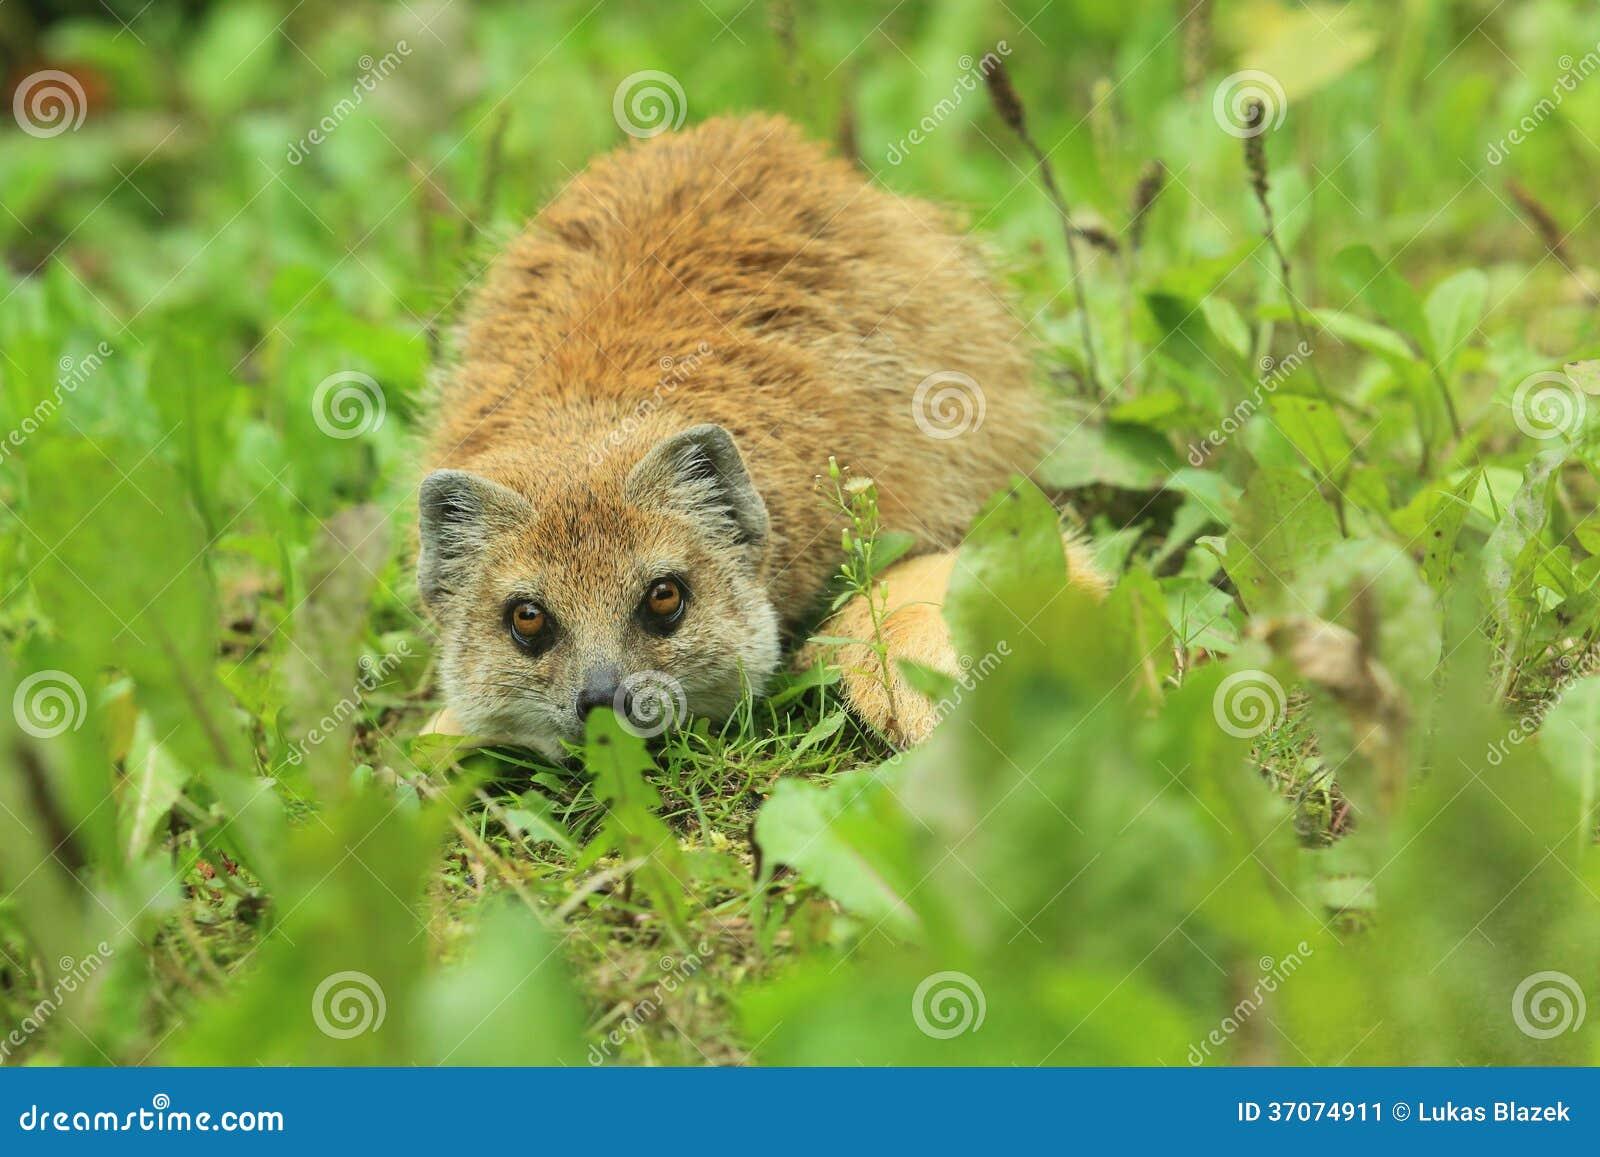 Red Meerkat Red meerkat